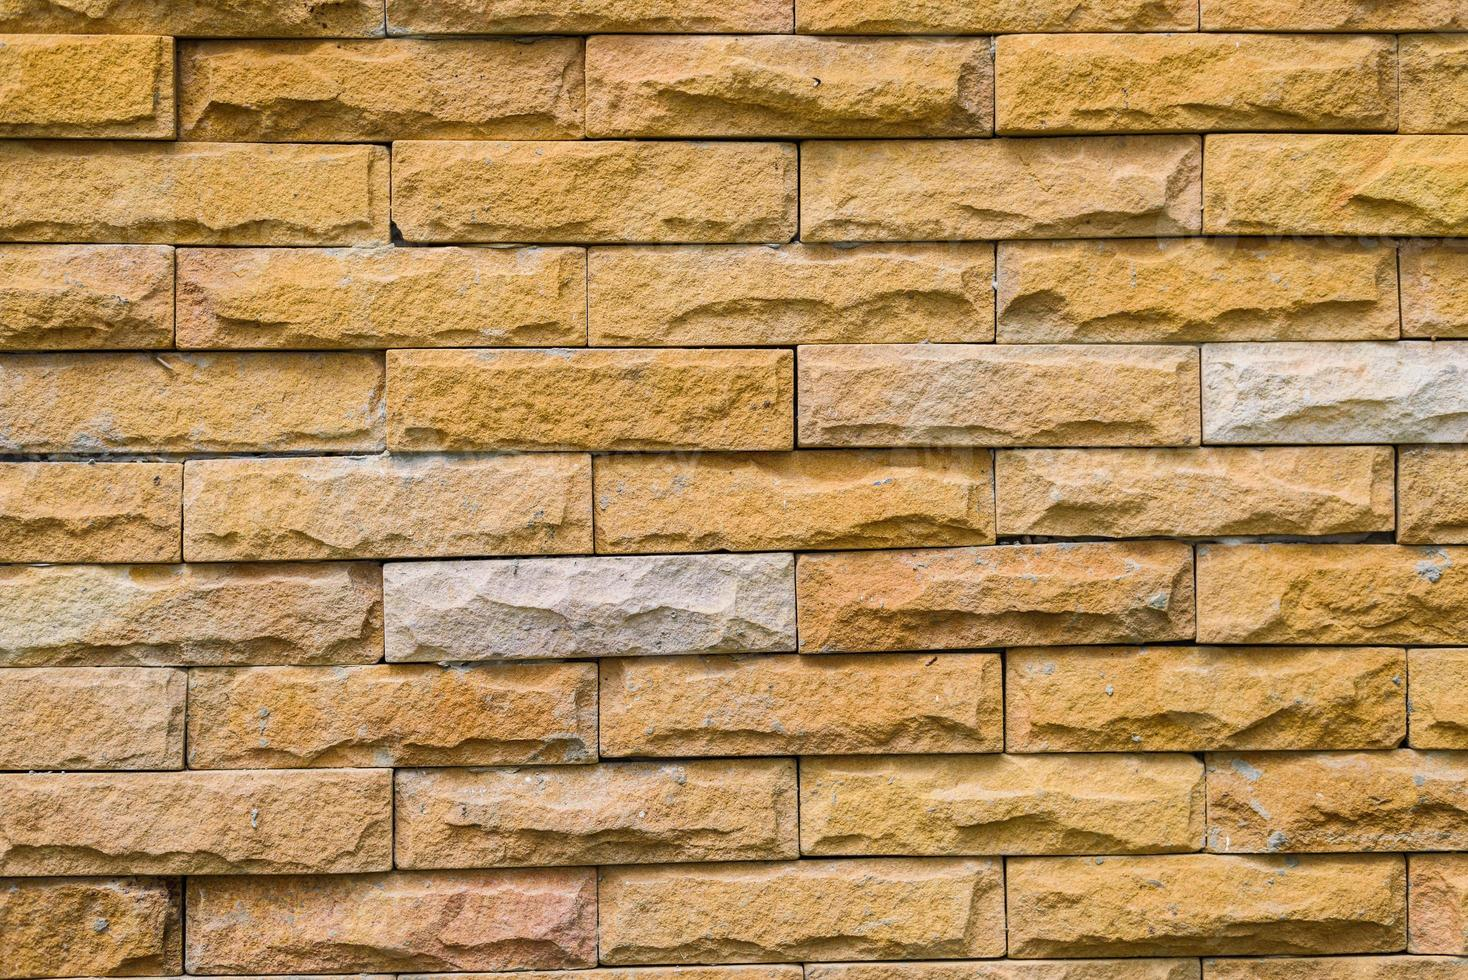 vieux mur de briques brunes photo